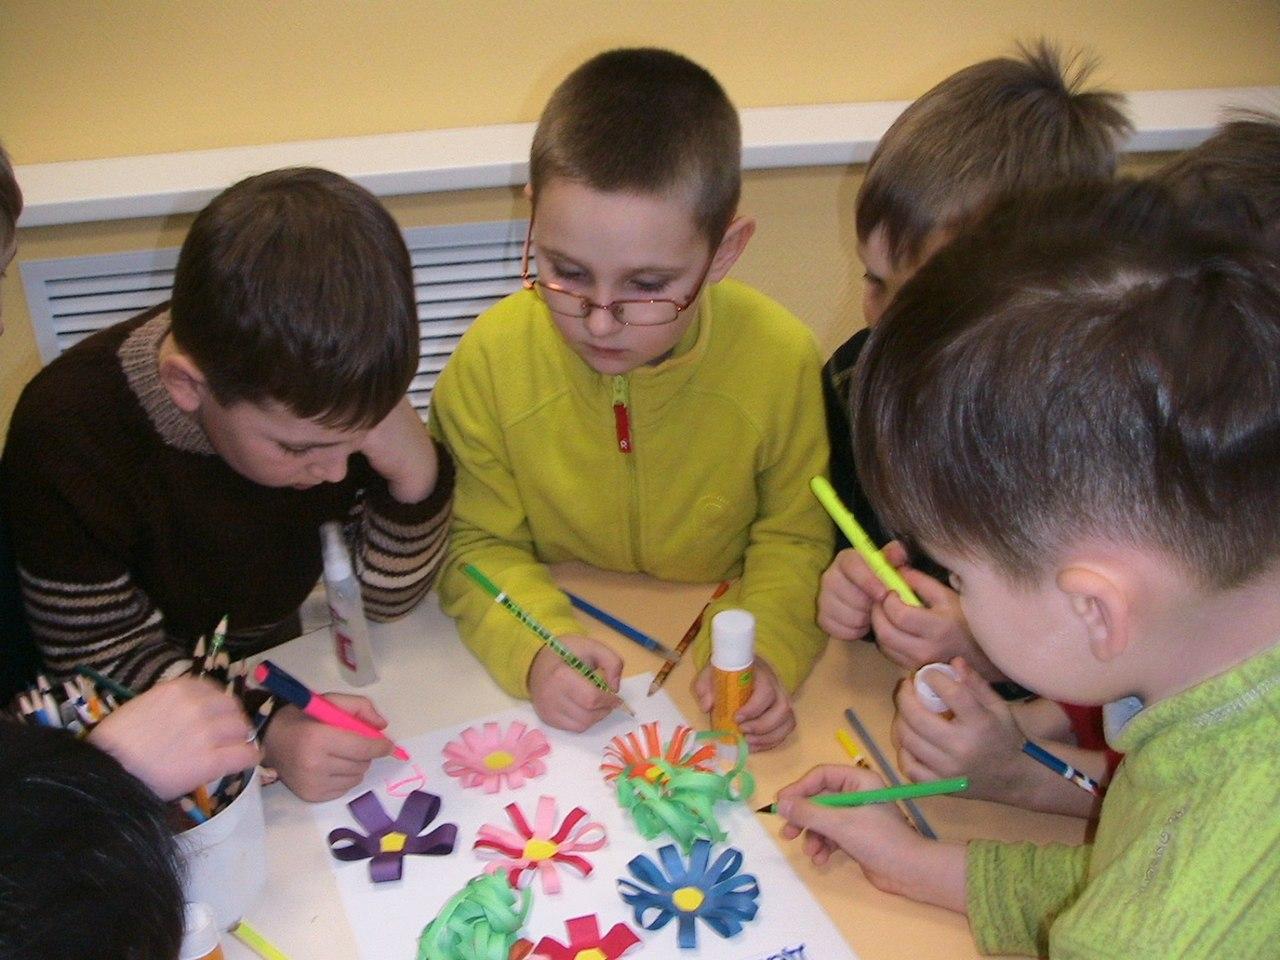 Игры, эстафеты и конкурсы для детей прошли в библиотеке на улице Лавочкина